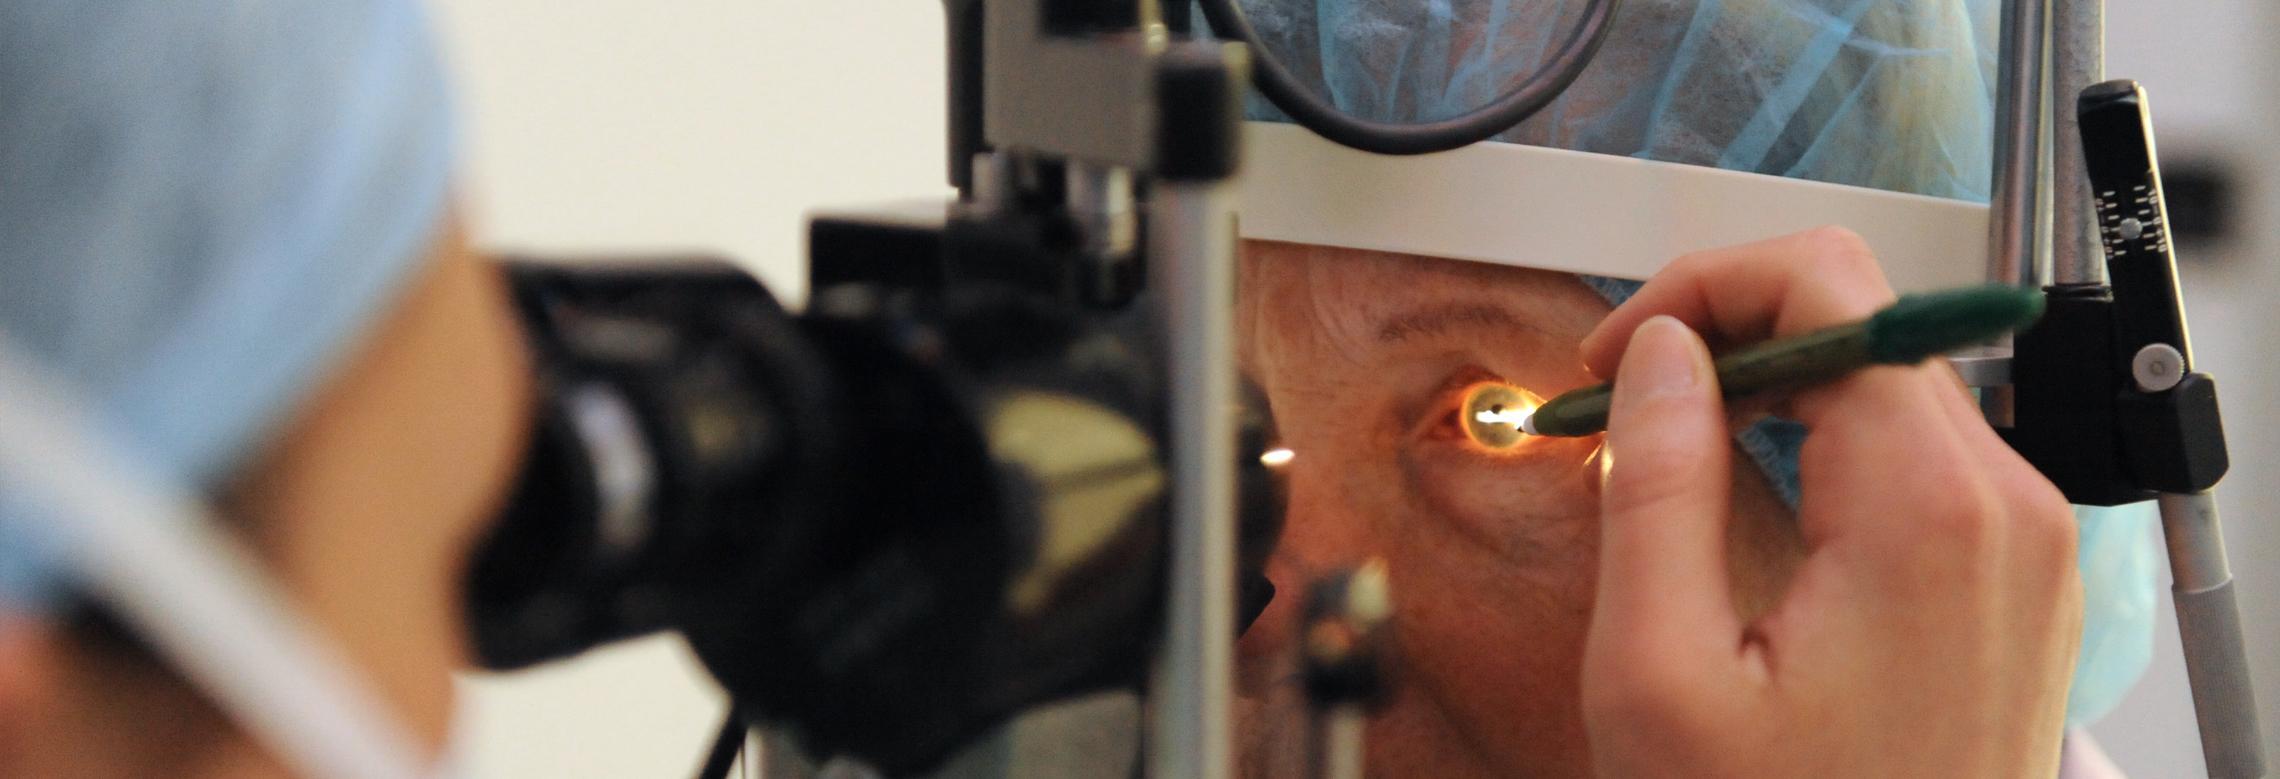 Image d'un chirurgien marque l'œil du patient pour l'opération de la myopie